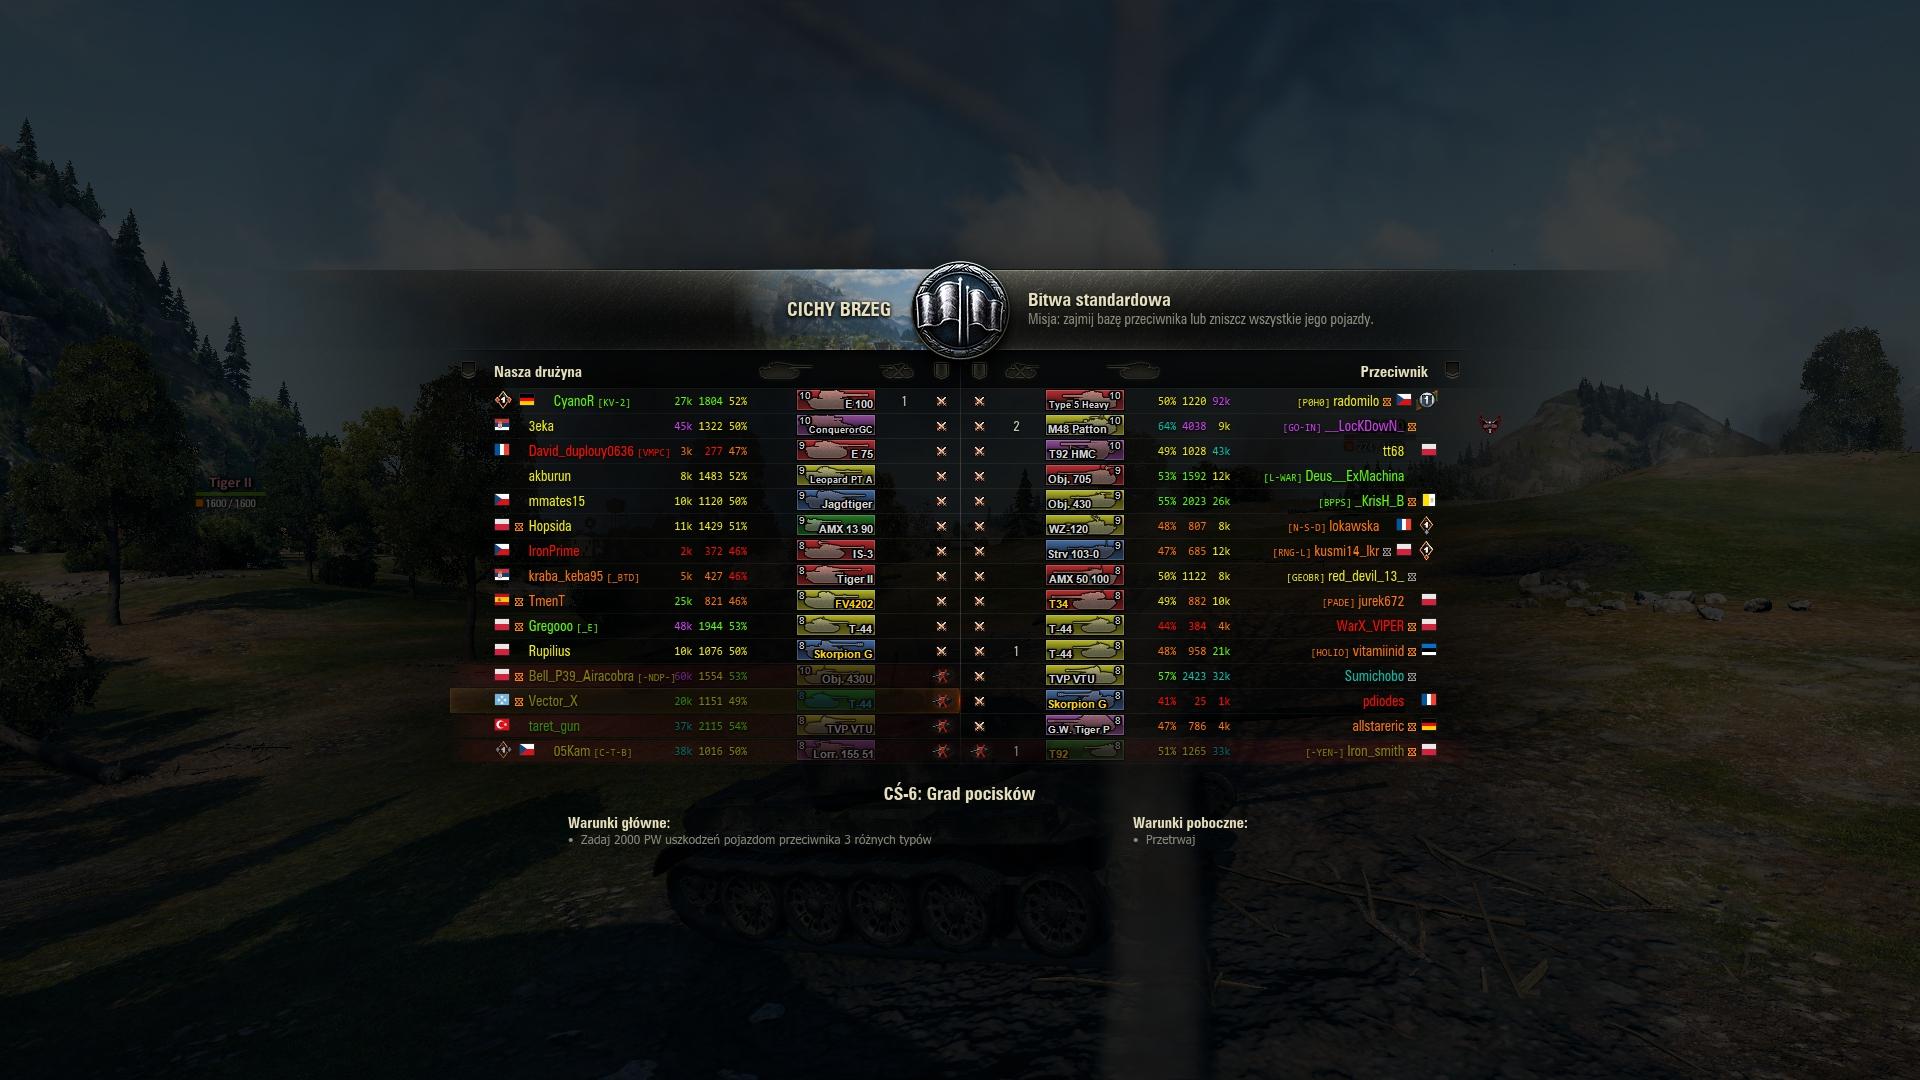 Excelsior - Global wiki